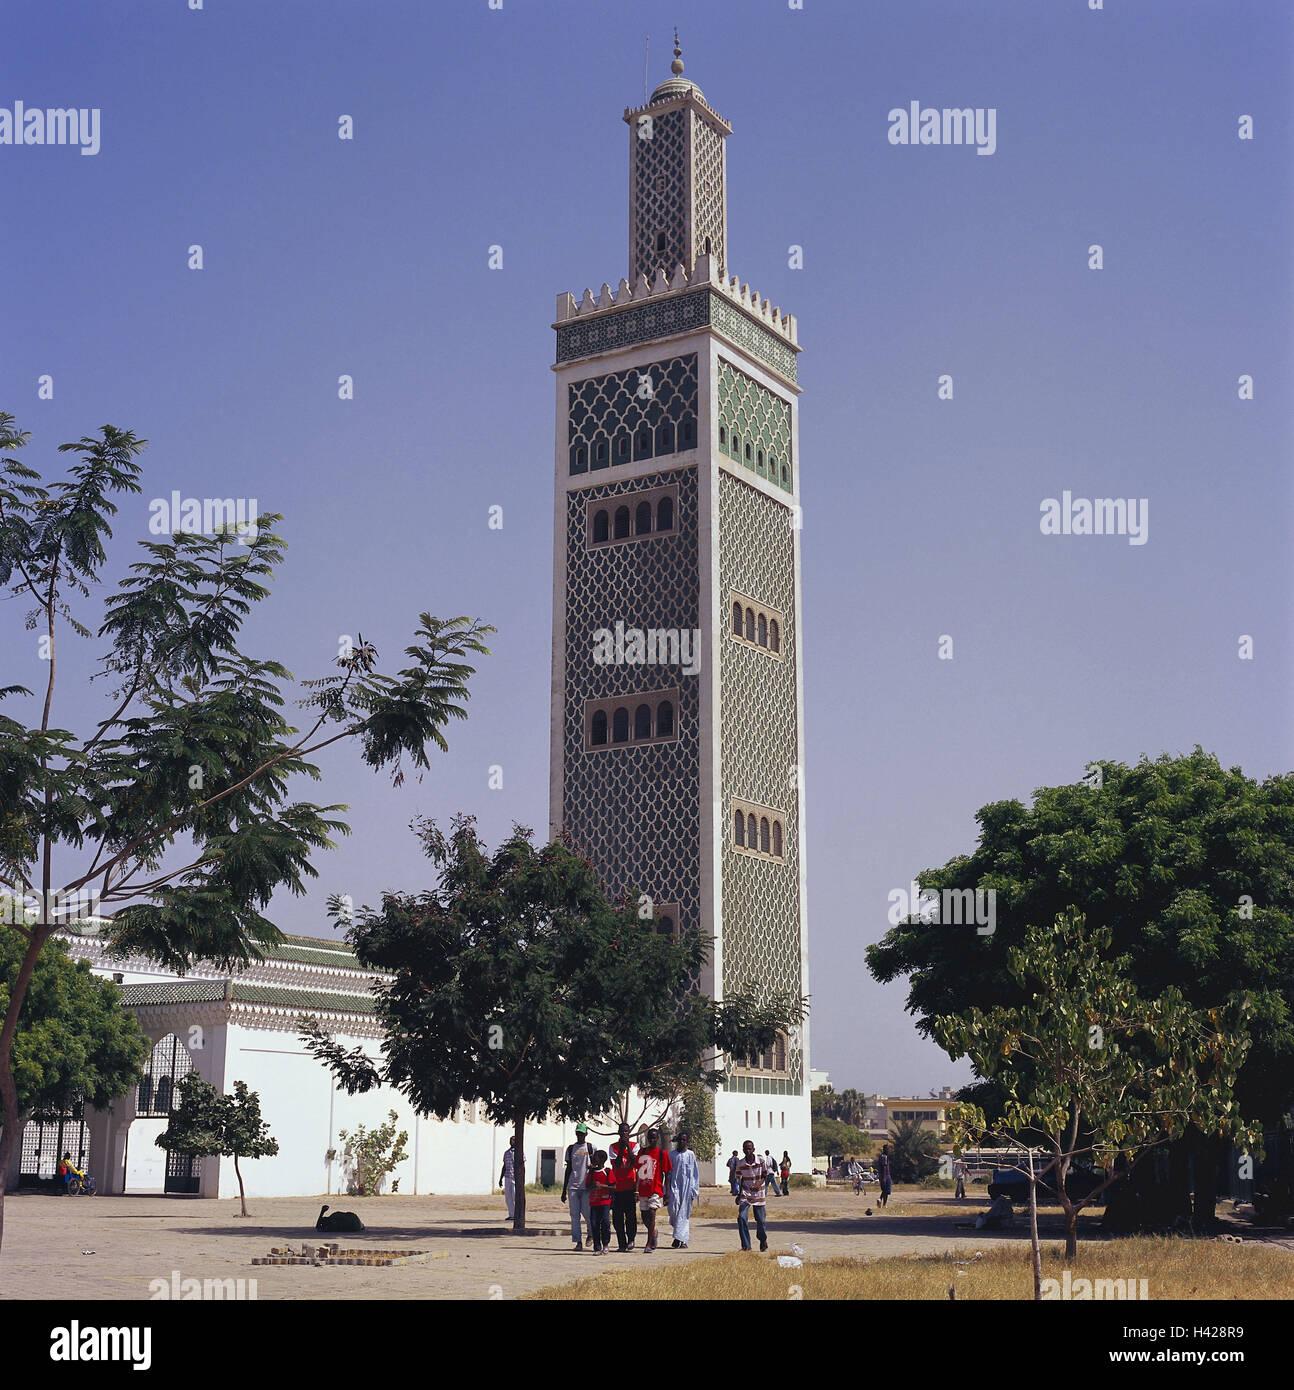 senegal-dakar-big-mosque-passer-by-afric